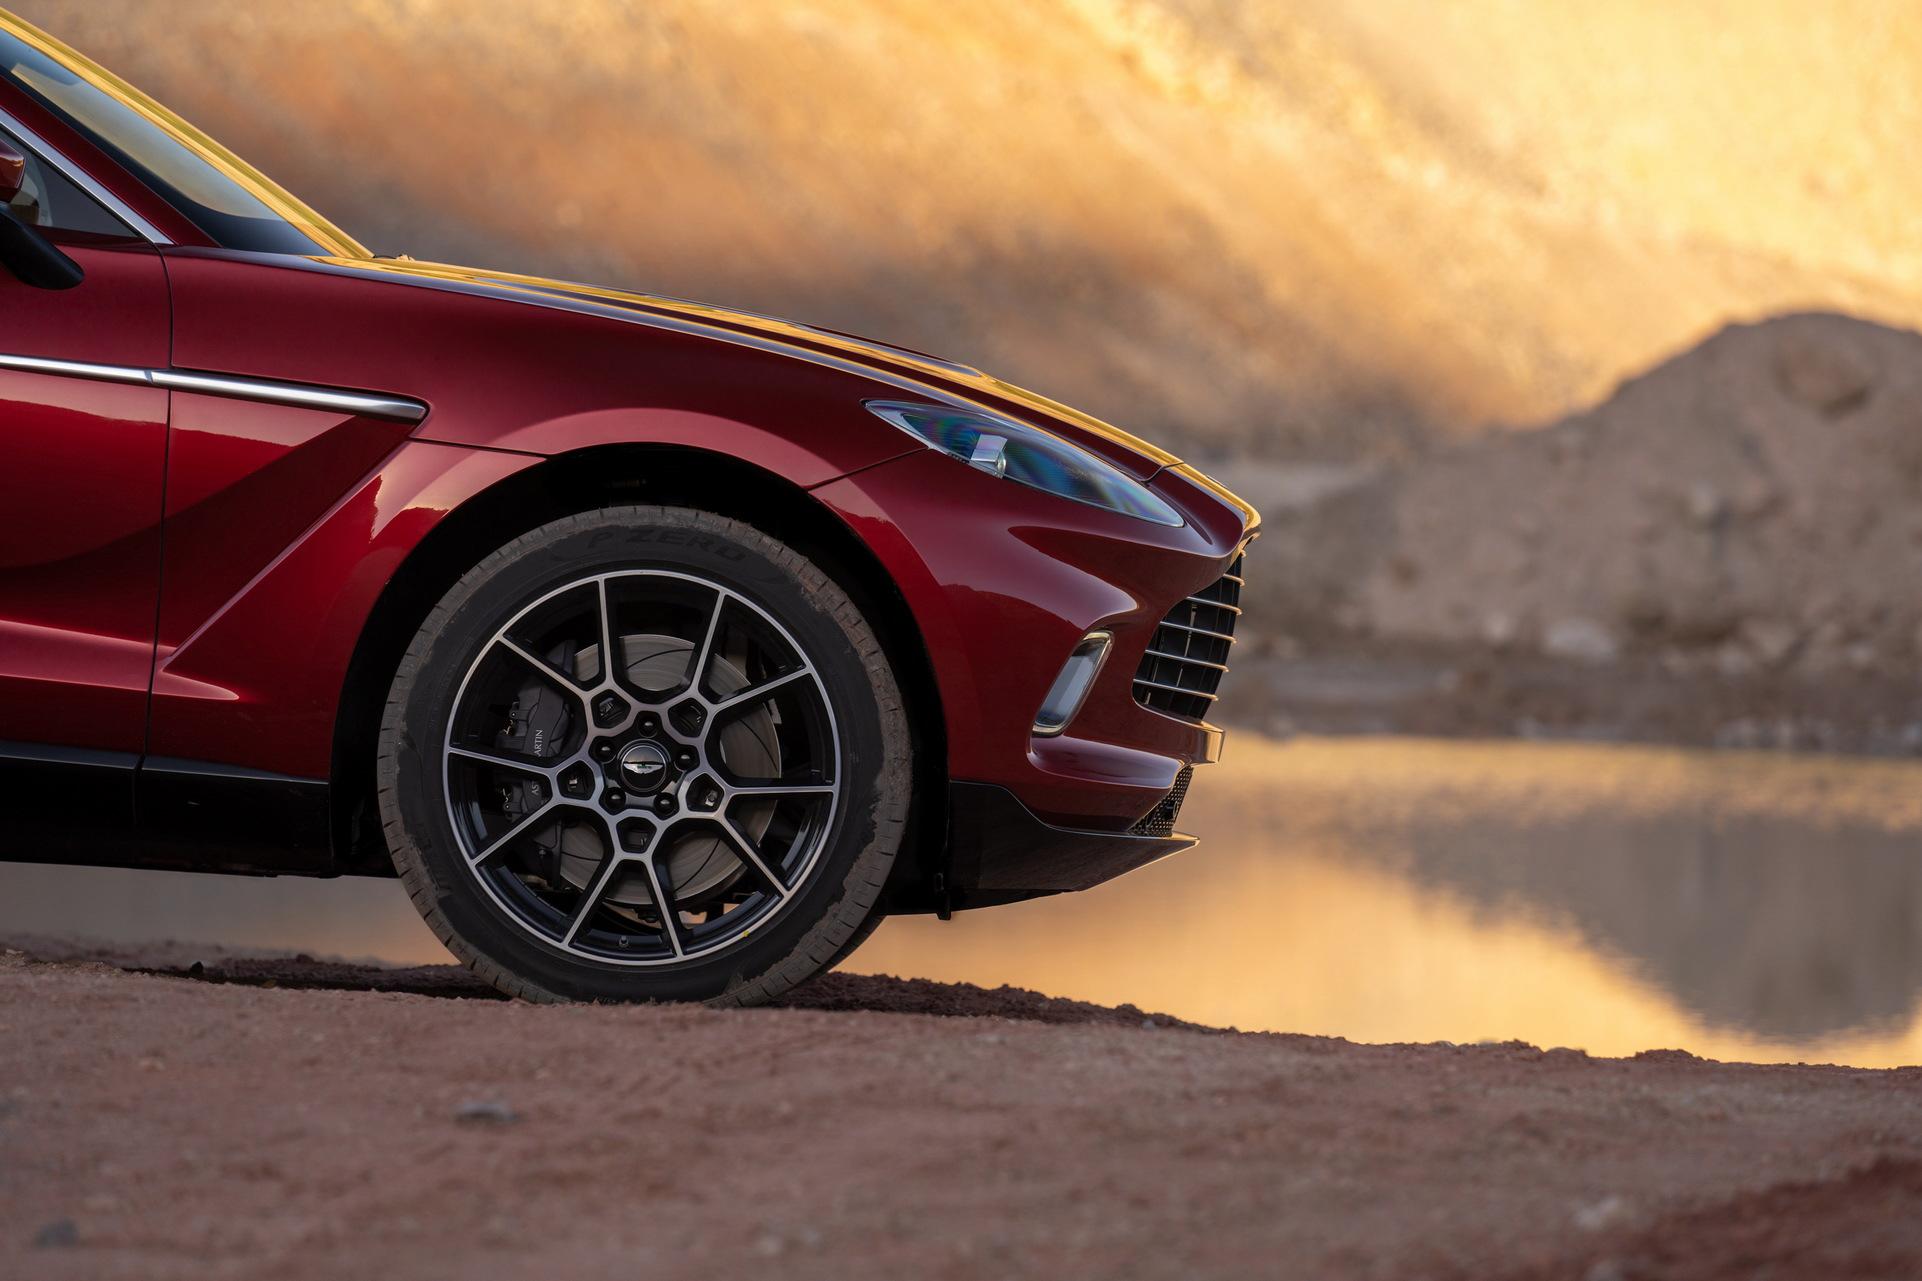 Aston Martin DBX - SUV siêu sang đầu tiên dành cho các đại gia - 6